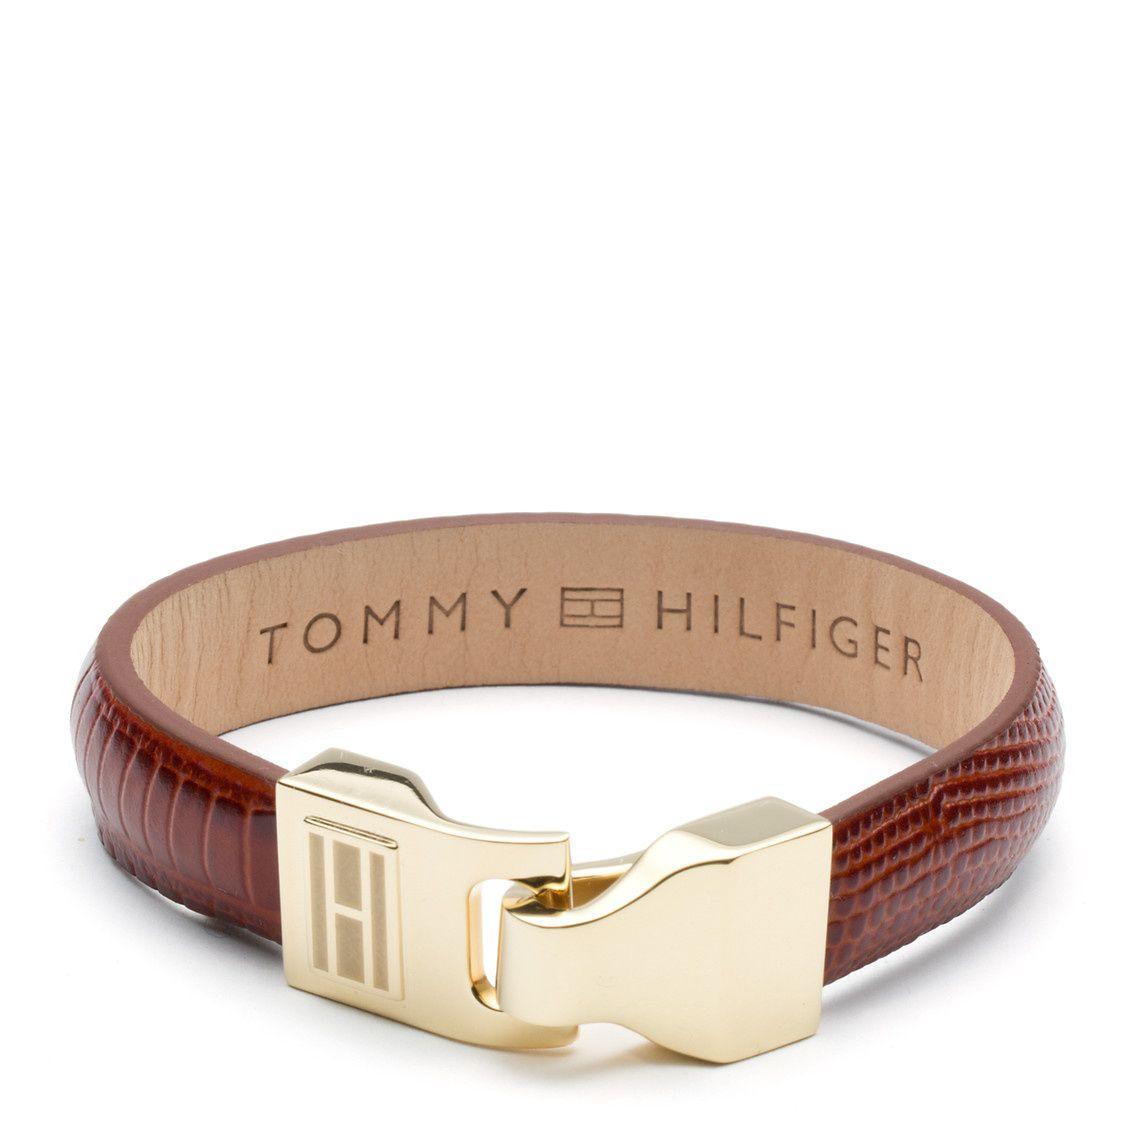 41cefaf574339 Tommy Hilfiger Leather Bracelet #stylemyride www.stylemyride.net ...